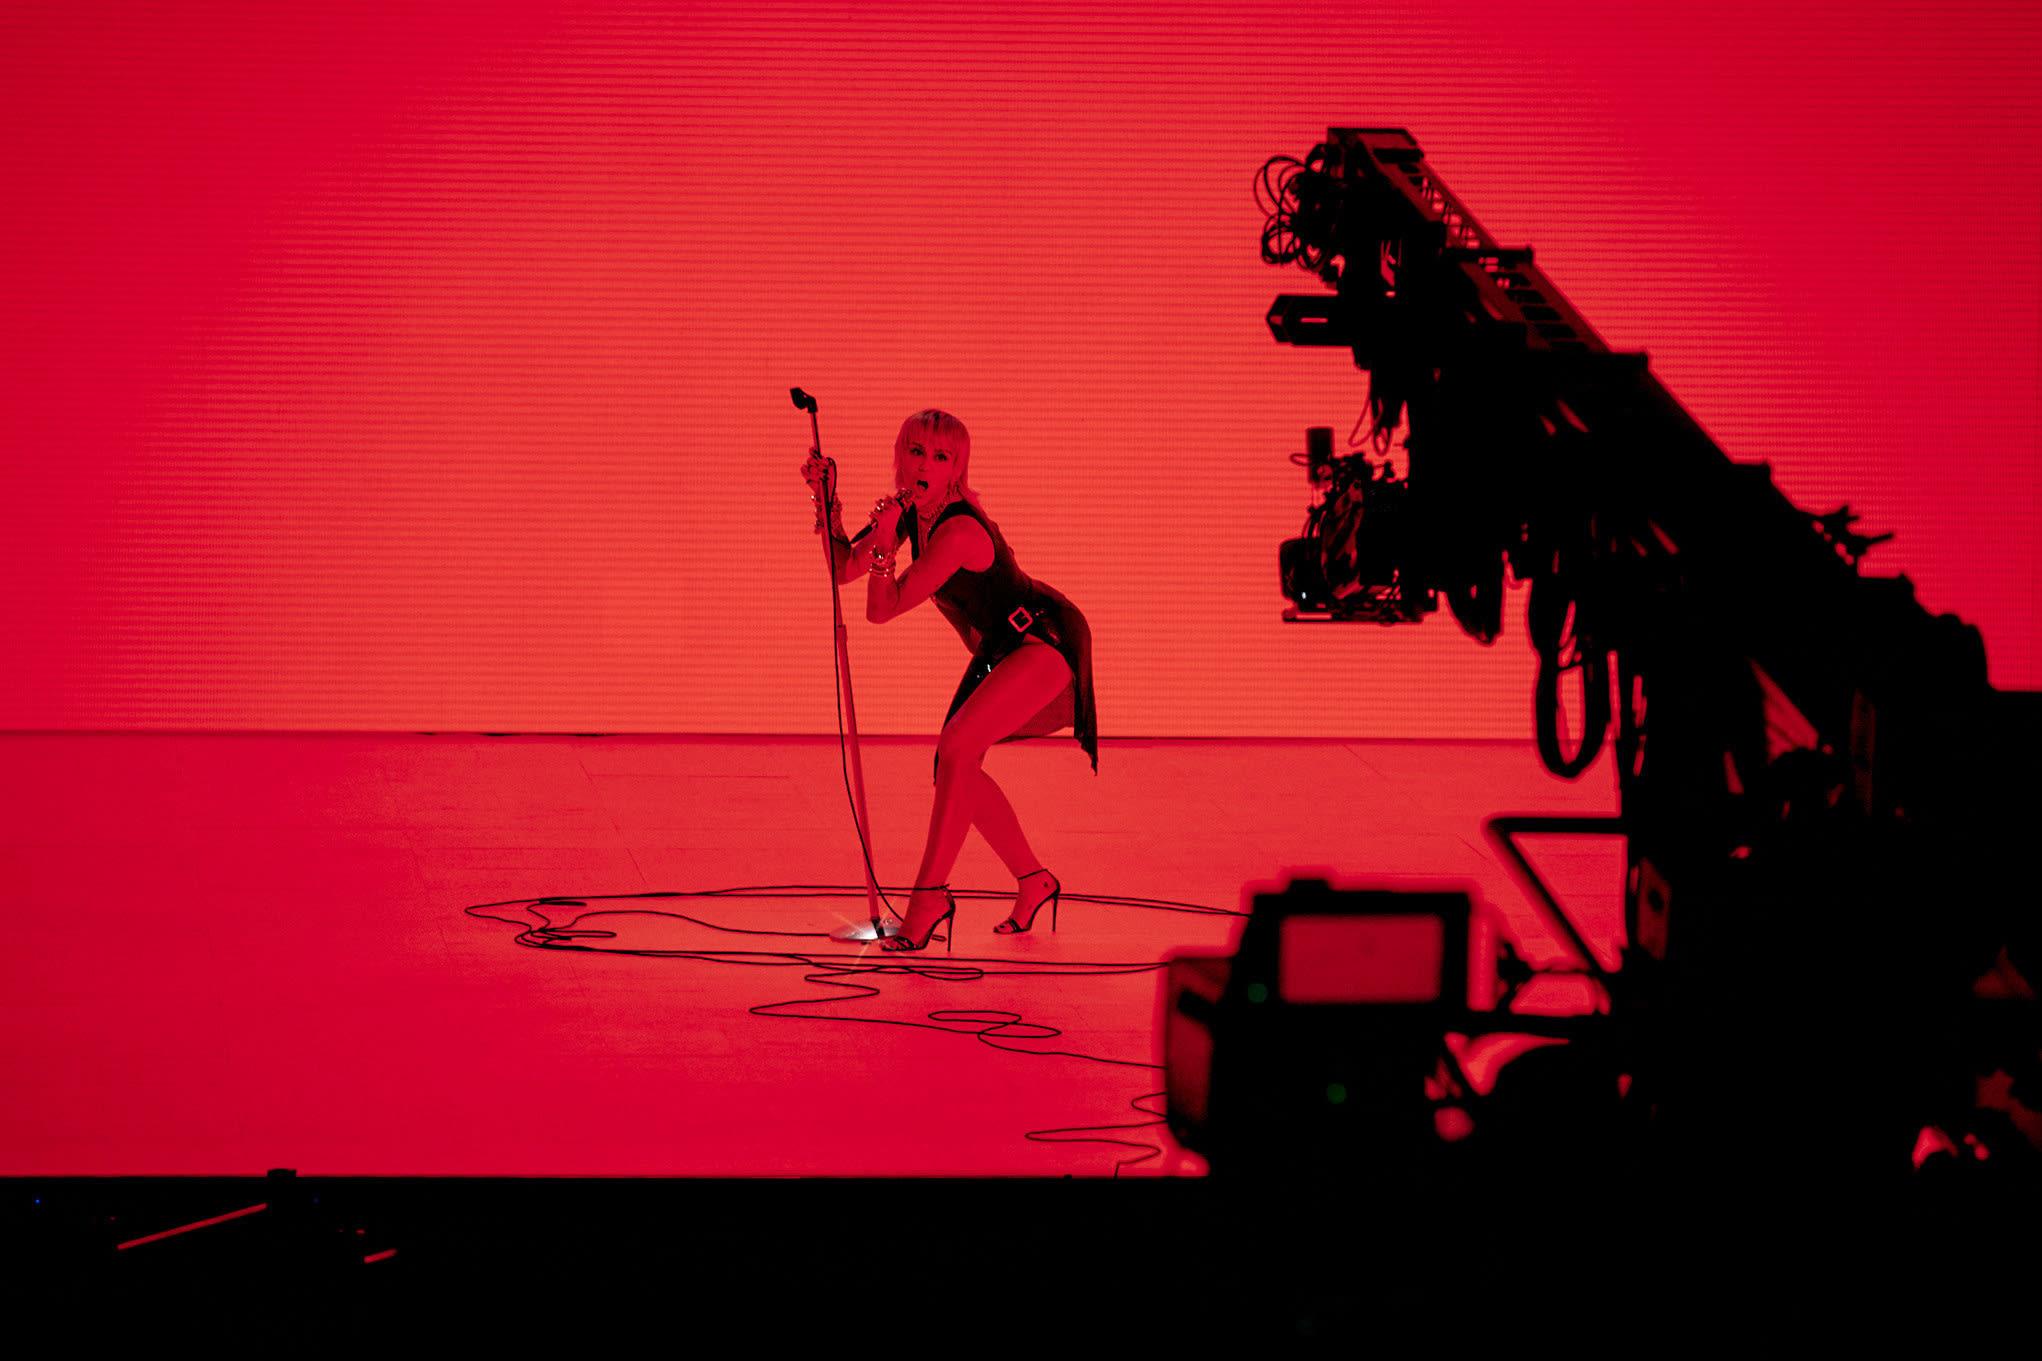 Miley cantando em um cenário vermelho e preto